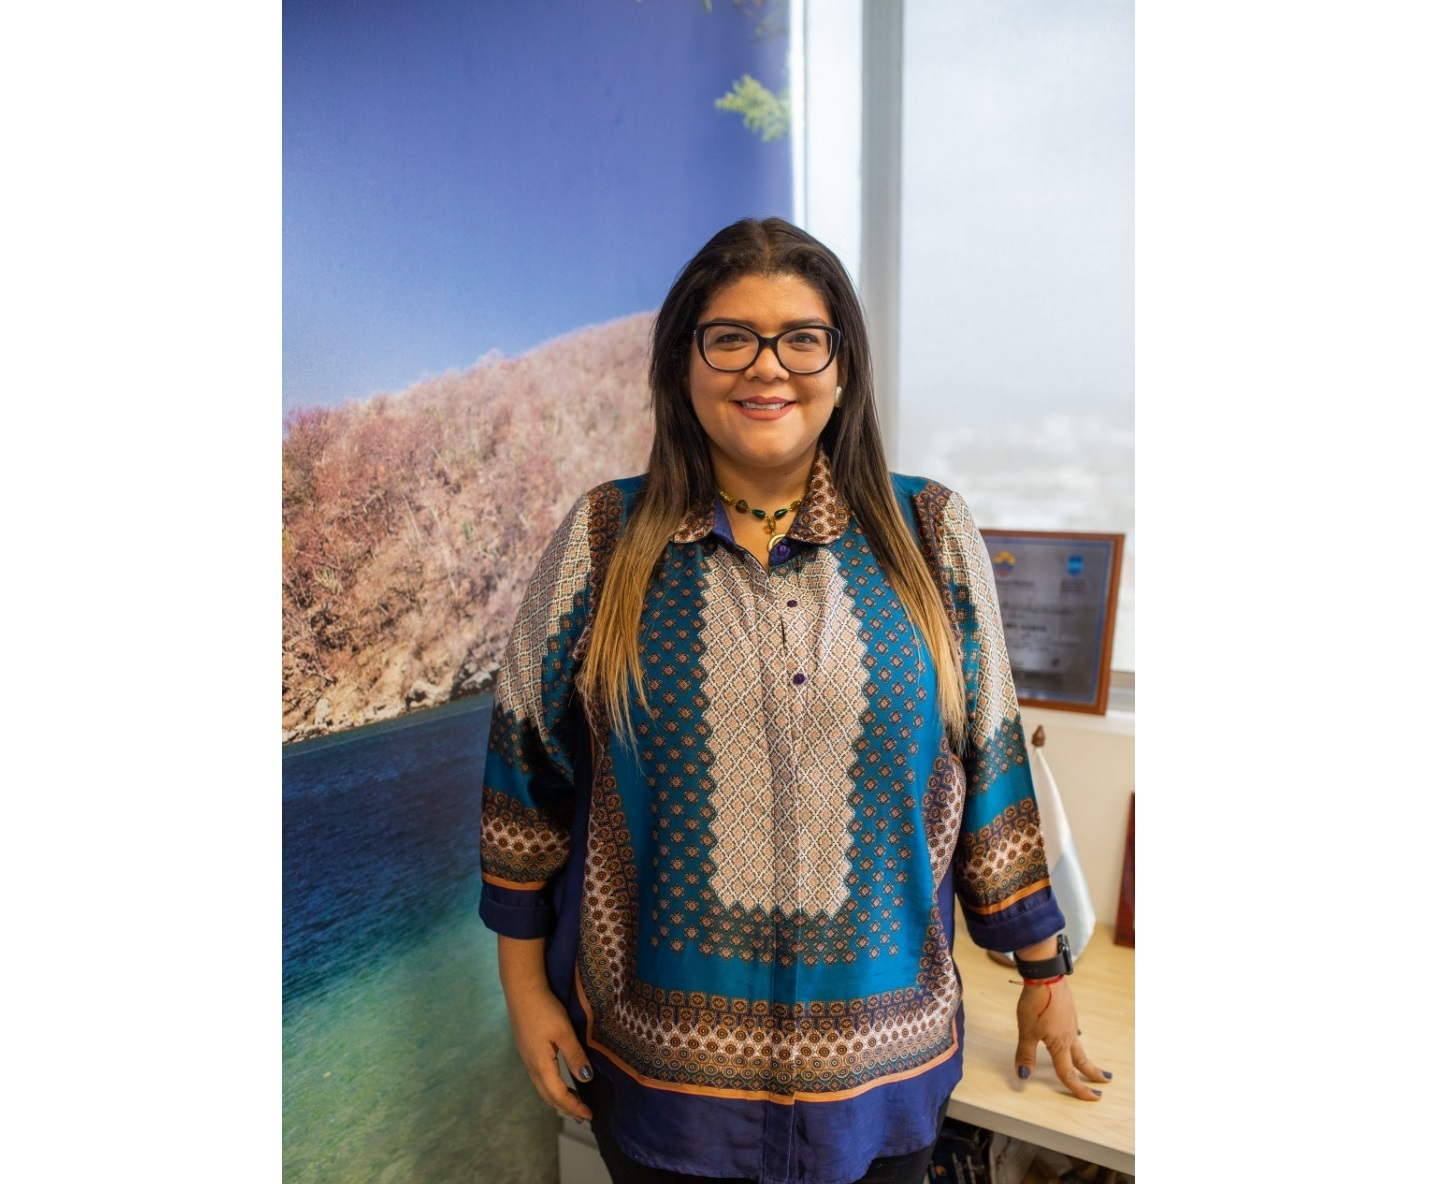 Grave de salud la secretaria de turismo del Magdalena tras sufrir un accidente en Santa Marta - Noticias de Colombia